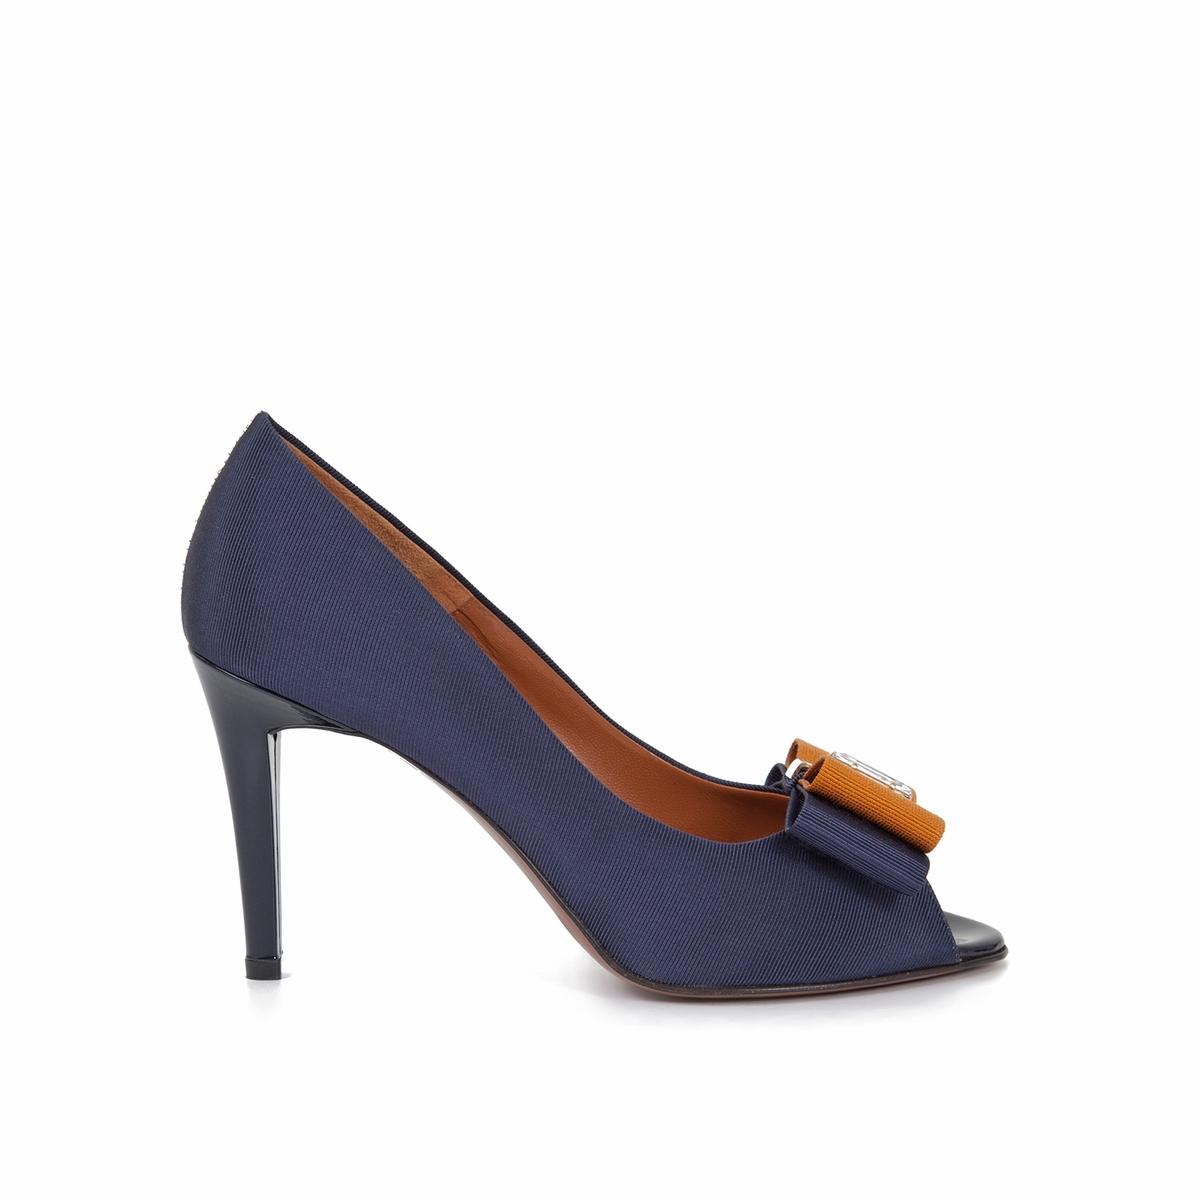 Туфли кожаные Elfi на шпилькеВерх : Кожа   Подкладка : Кожа   Стелька : Кожа   Подошва : Кожа   Высота каблука : 9 см   Форма каблука : Шпилька   Мысок : закругленный   Застежка : без застежки<br><br>Цвет: синий морской,черный<br>Размер: 40.38